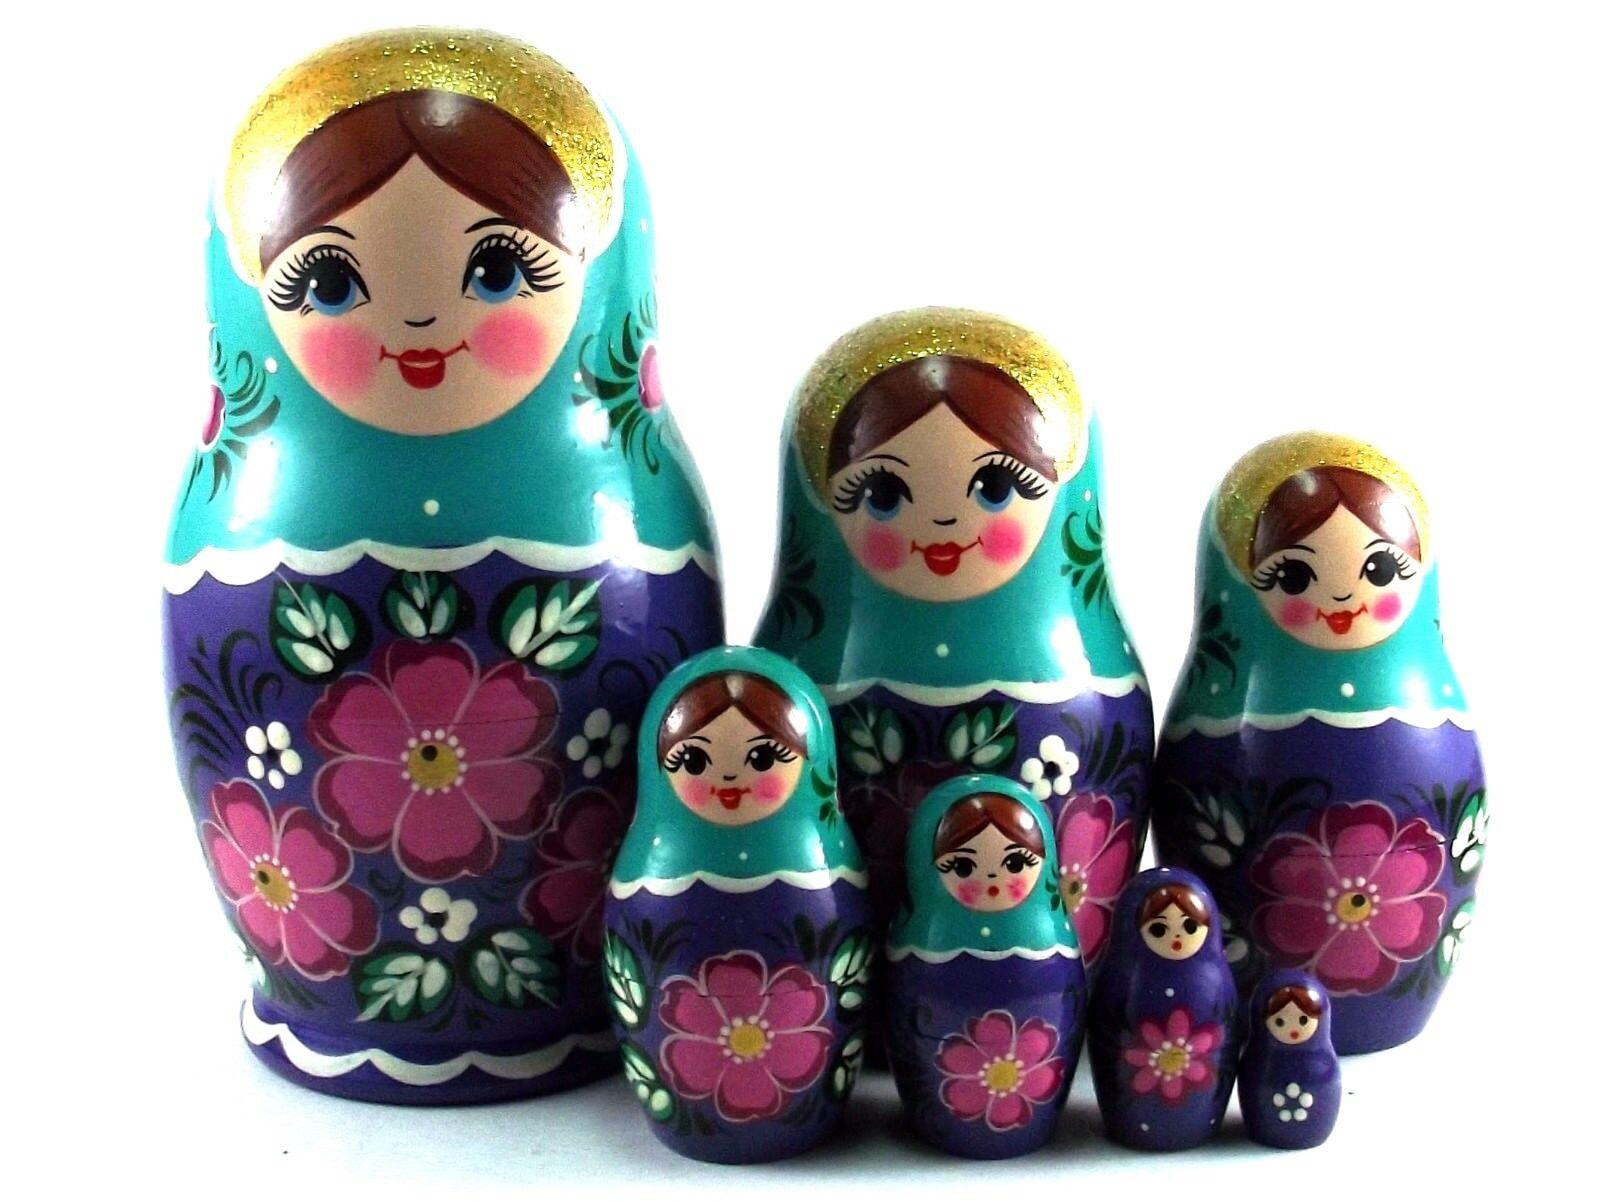 MATRIOSKA BAMBOLA Baautobuschka cioé russa bambole in legno originale 7  pezzi 15 cm  acquista online